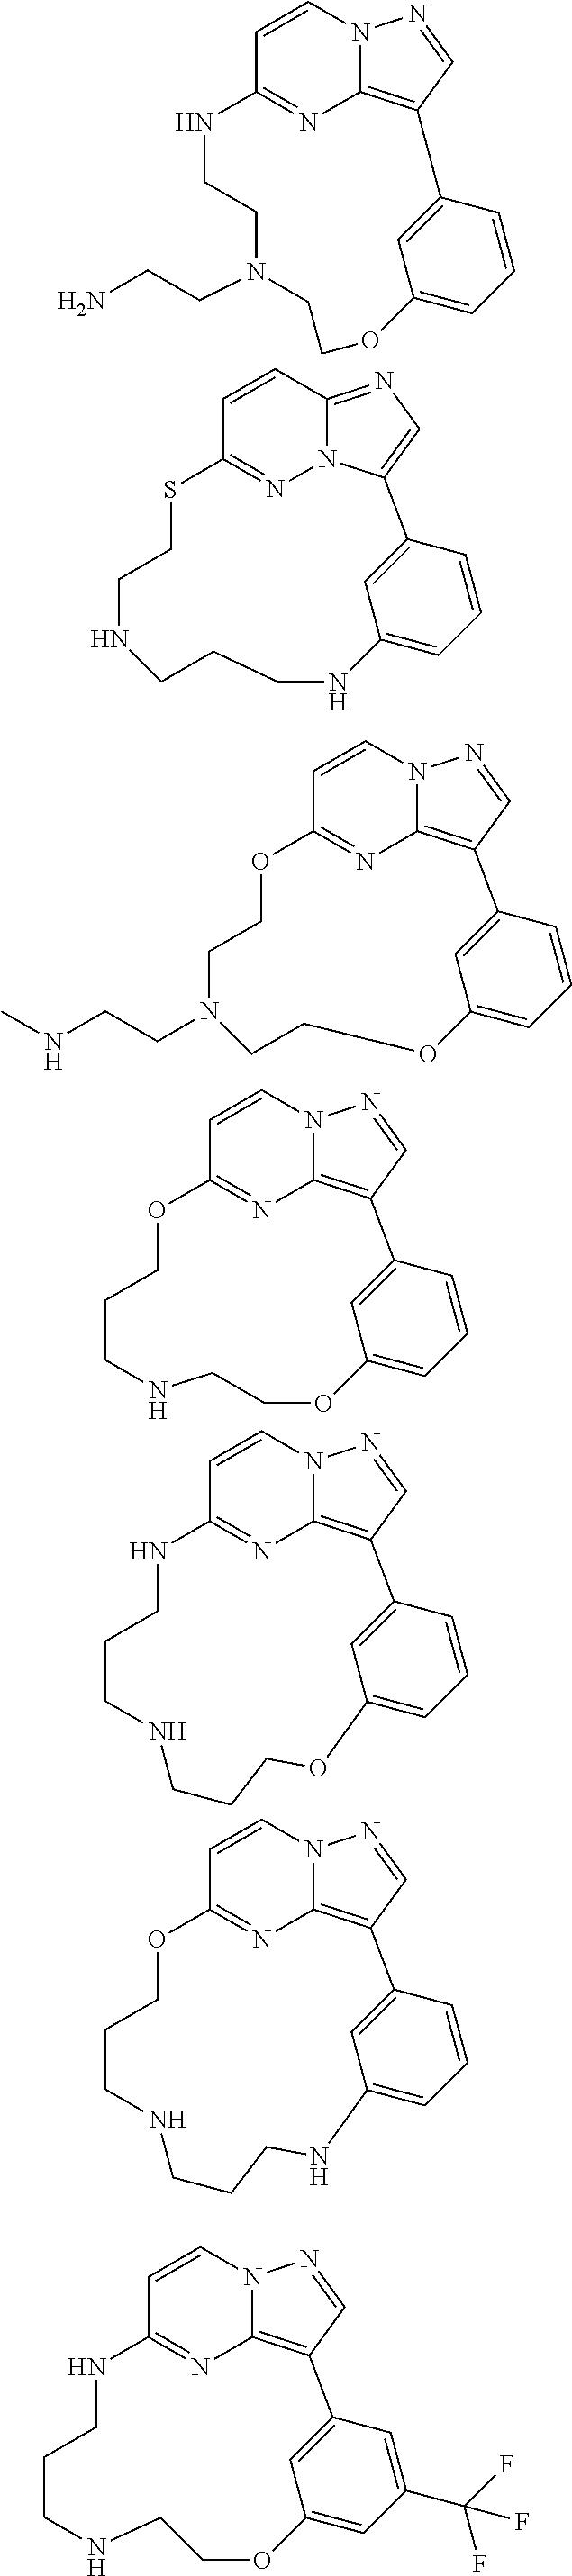 Figure US09586975-20170307-C00008